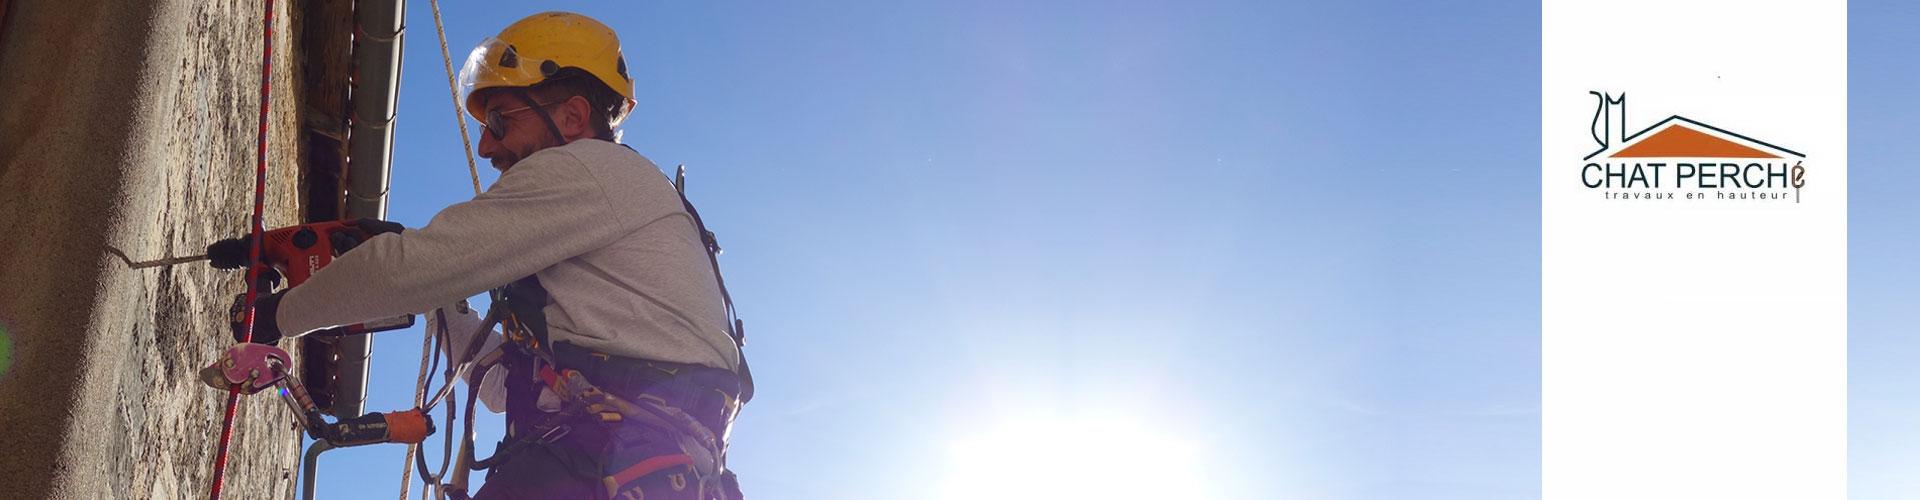 Chat perché, travaux en hauteur à Pégairolles de l'Escalette Hérault